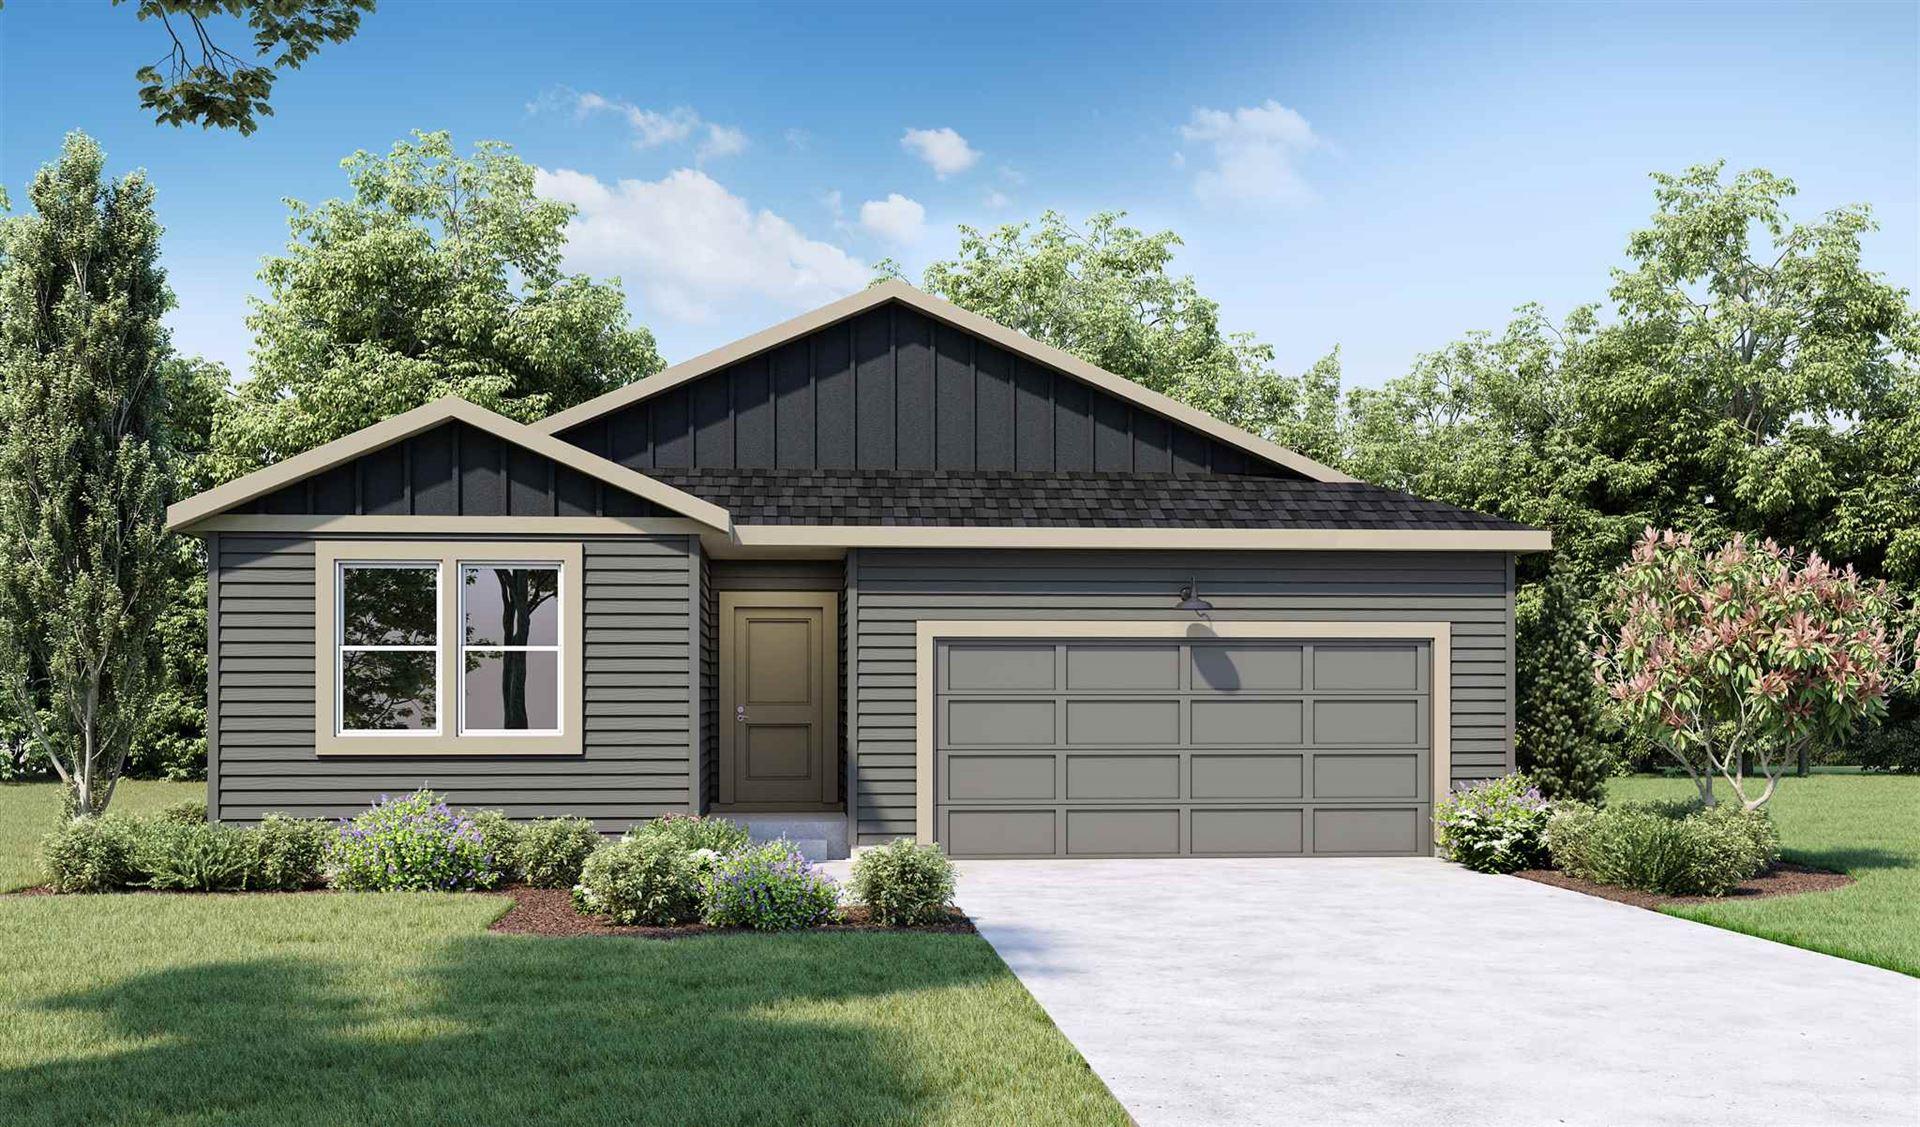 3213 N McKinnon Rd, Spokane, WA 99217 - #: 202110425